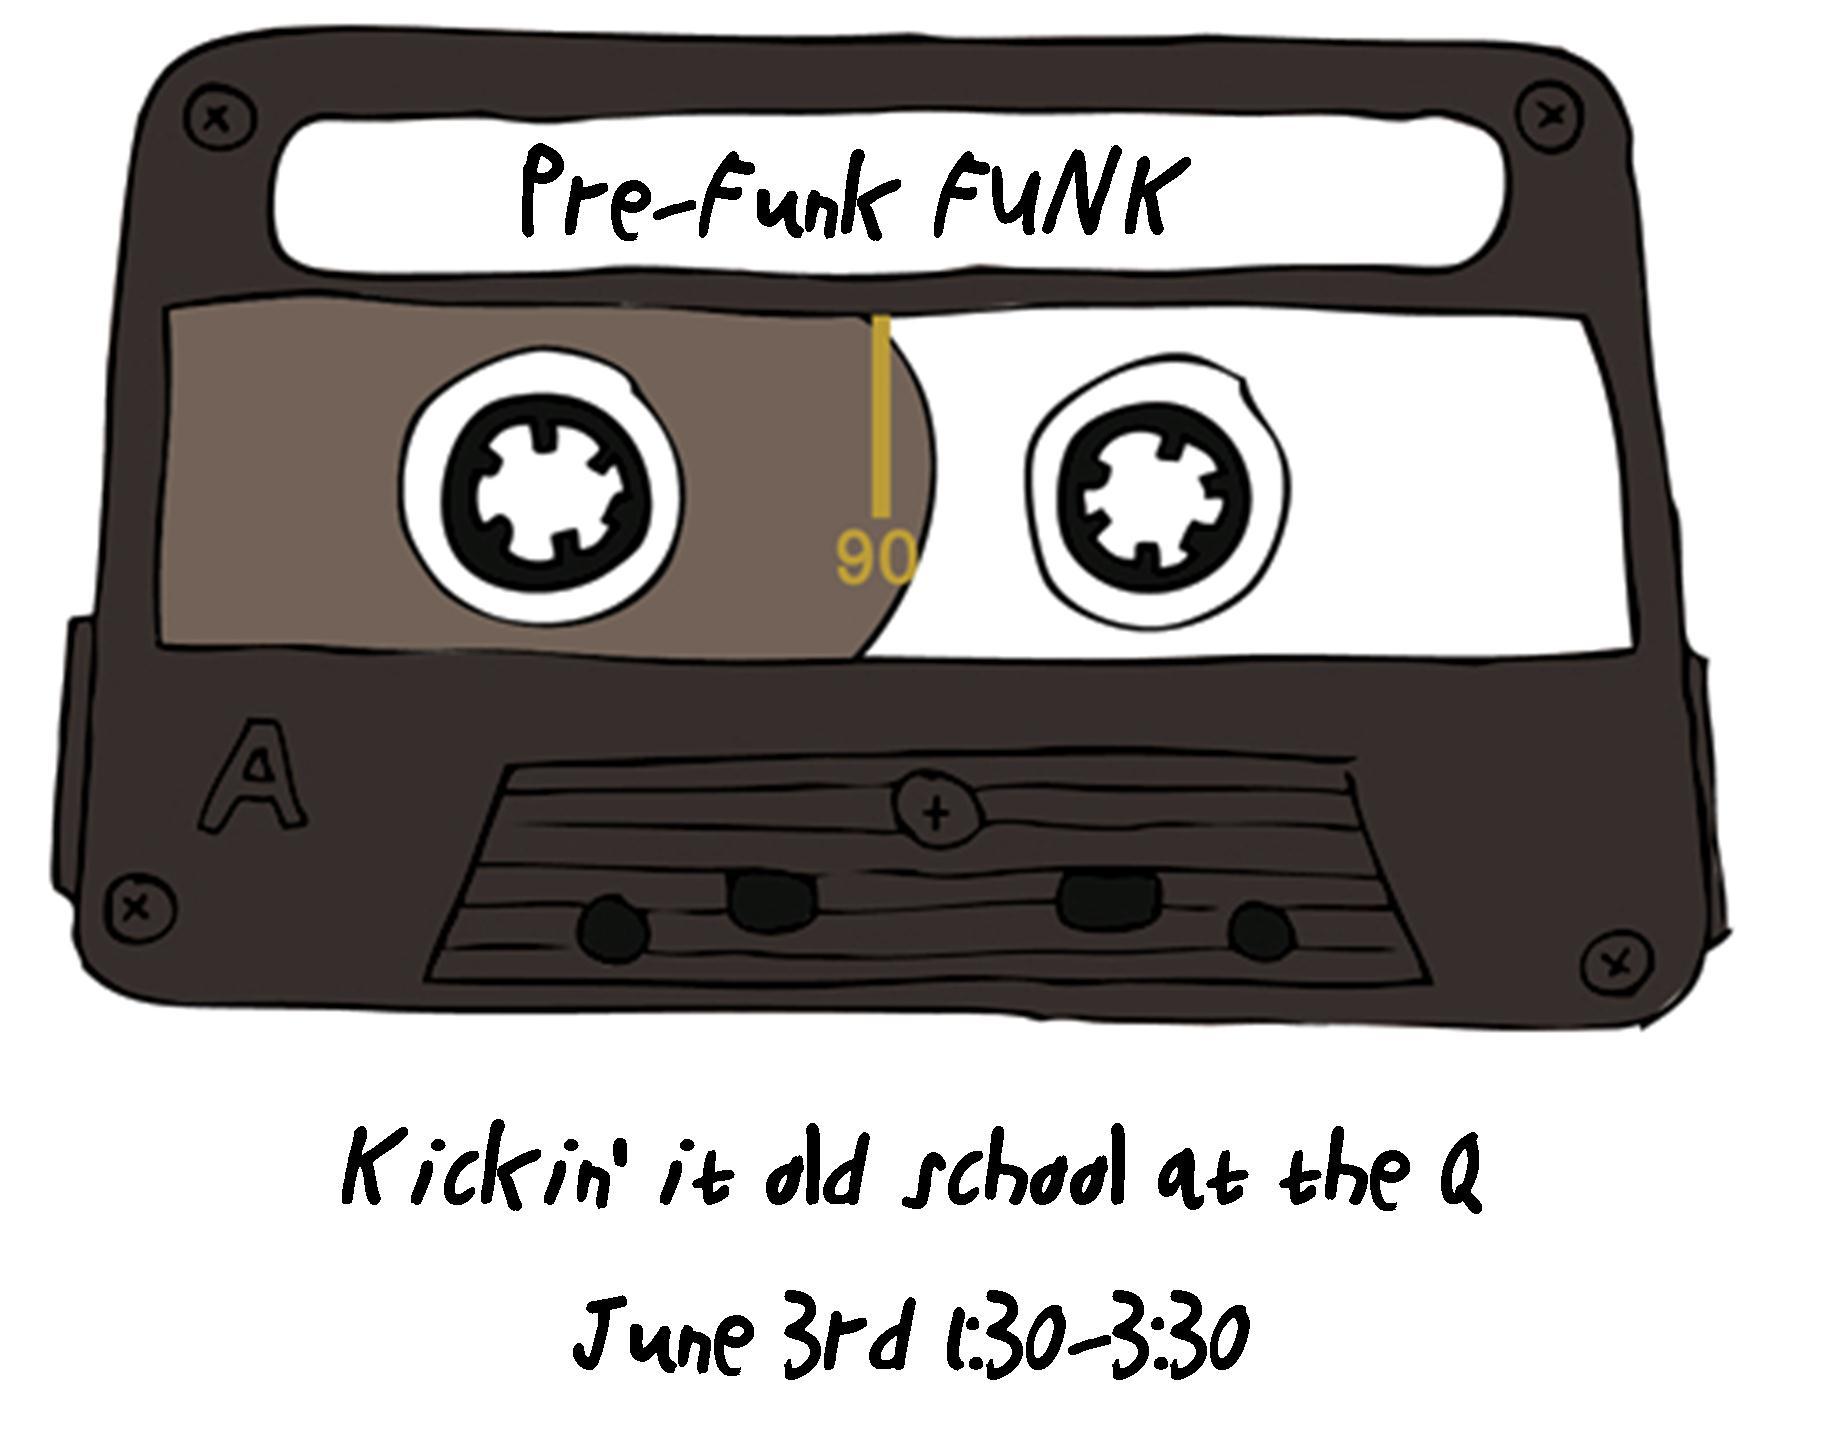 pre-funk funk